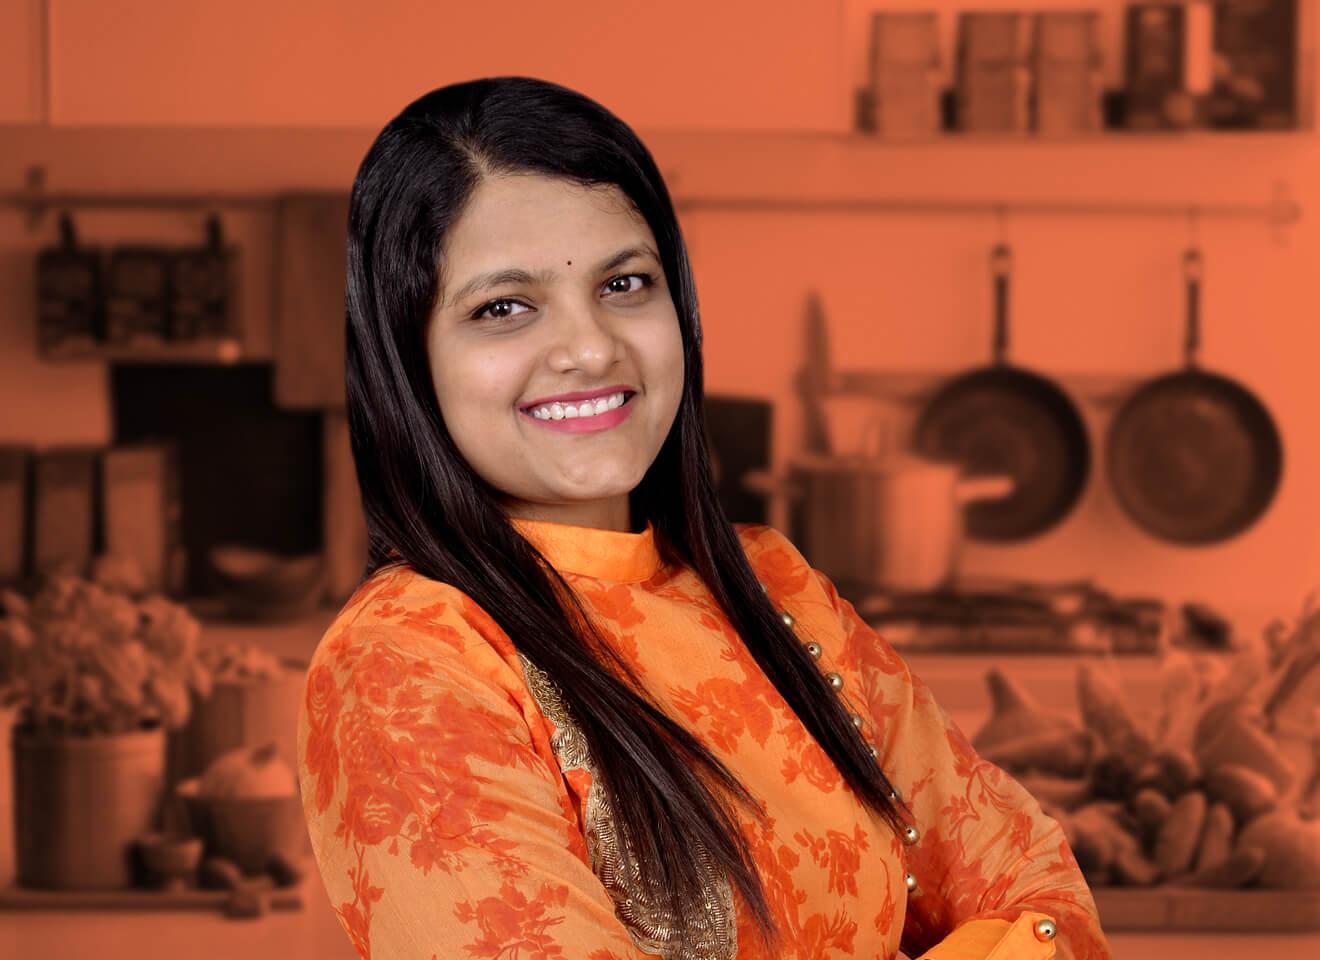 Bhumika Pasari